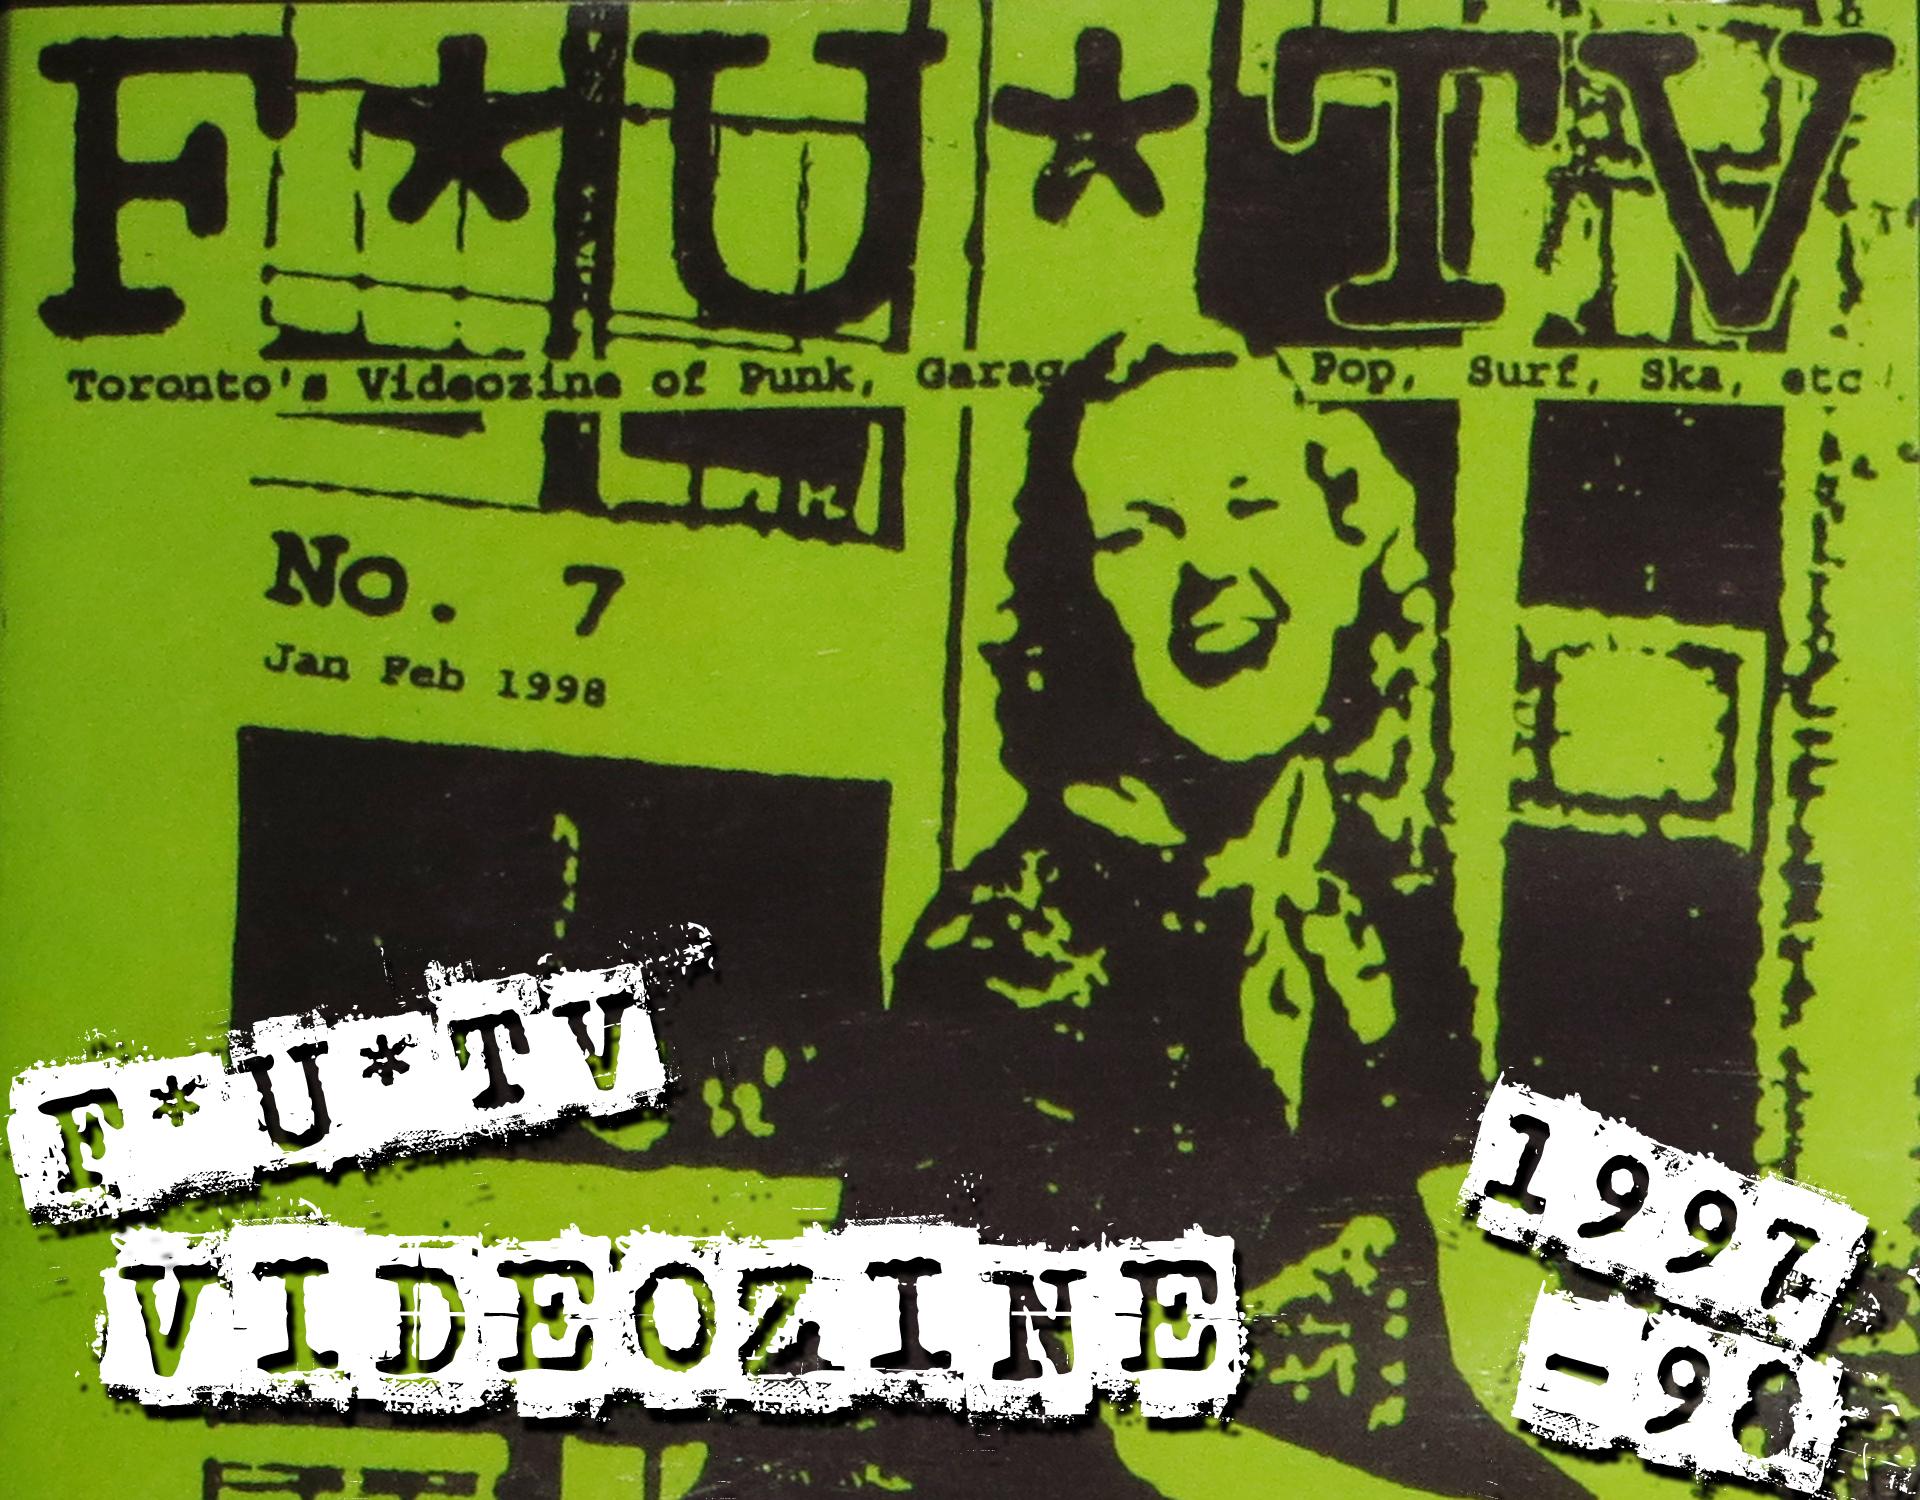 F*U*TV Link